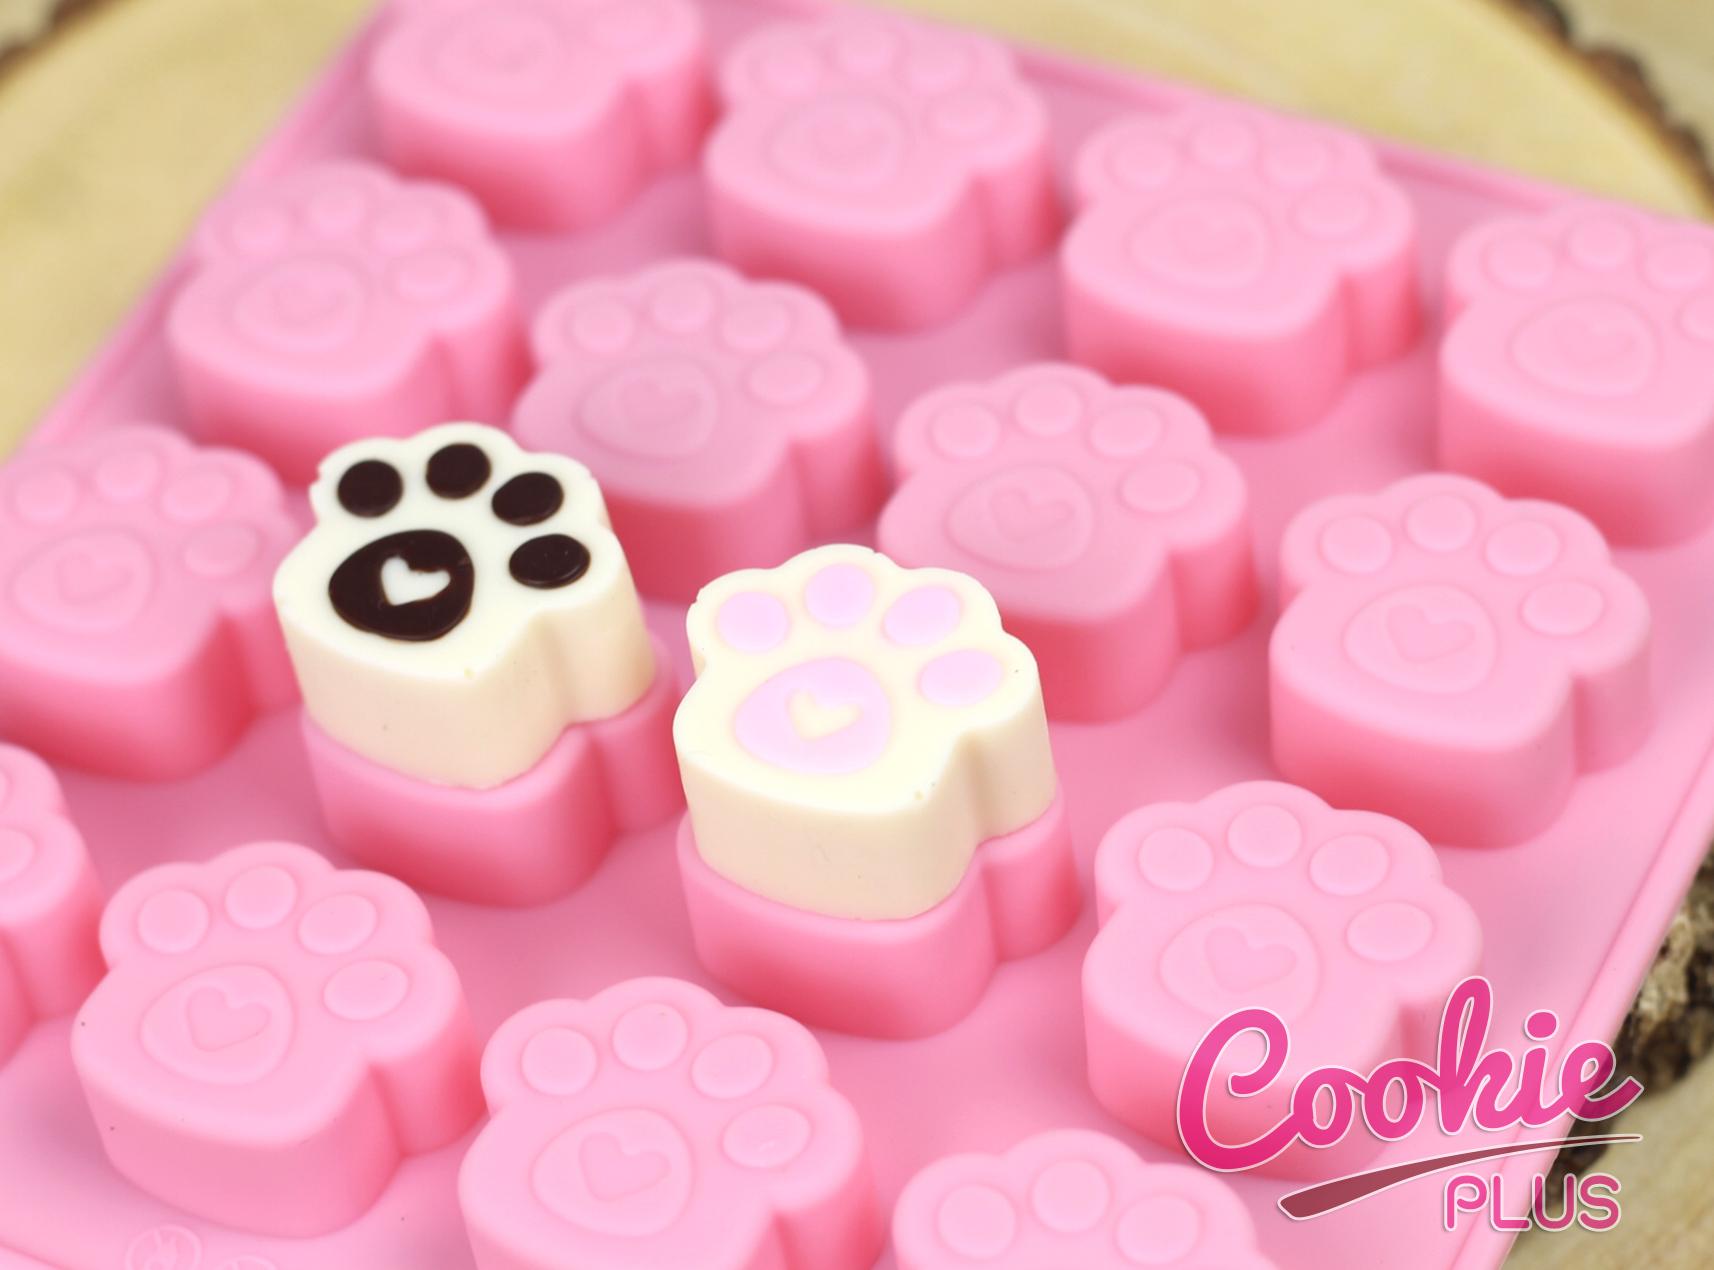 แม่พิมพ์ซิลิโคน สำหรับทำขนม ลายอุ้งมือแมว